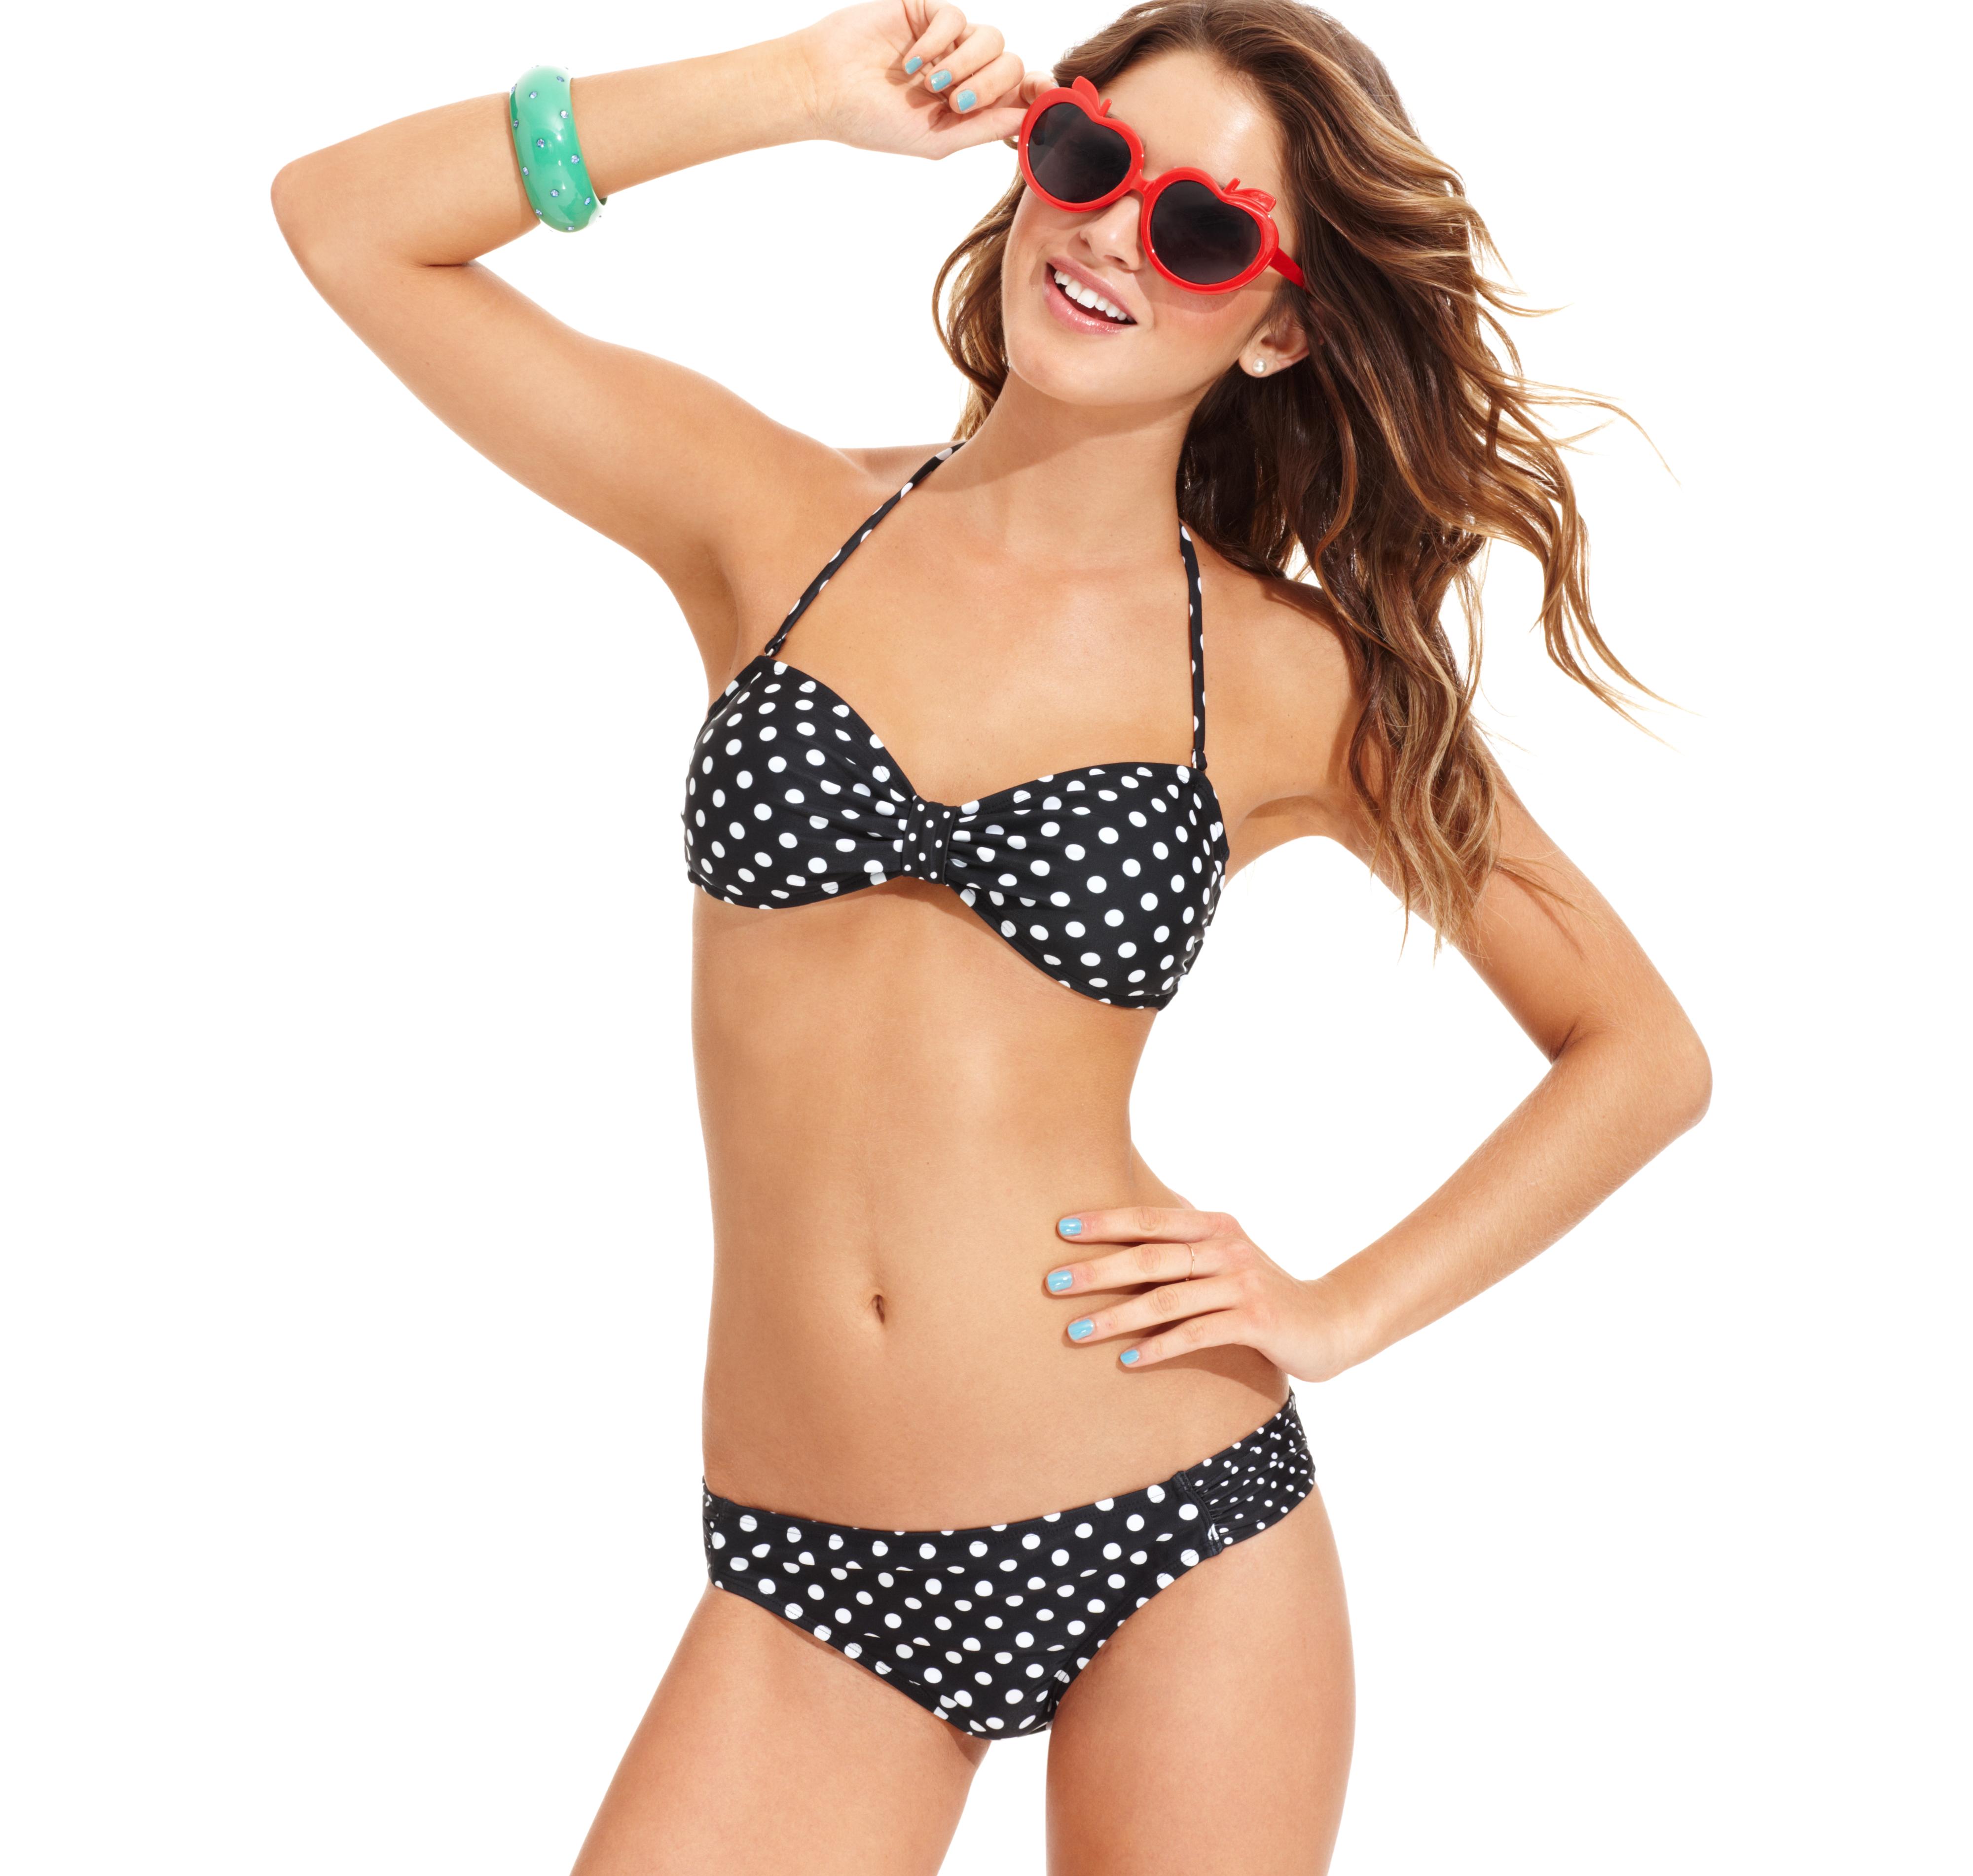 polka-dot-bikini-wav